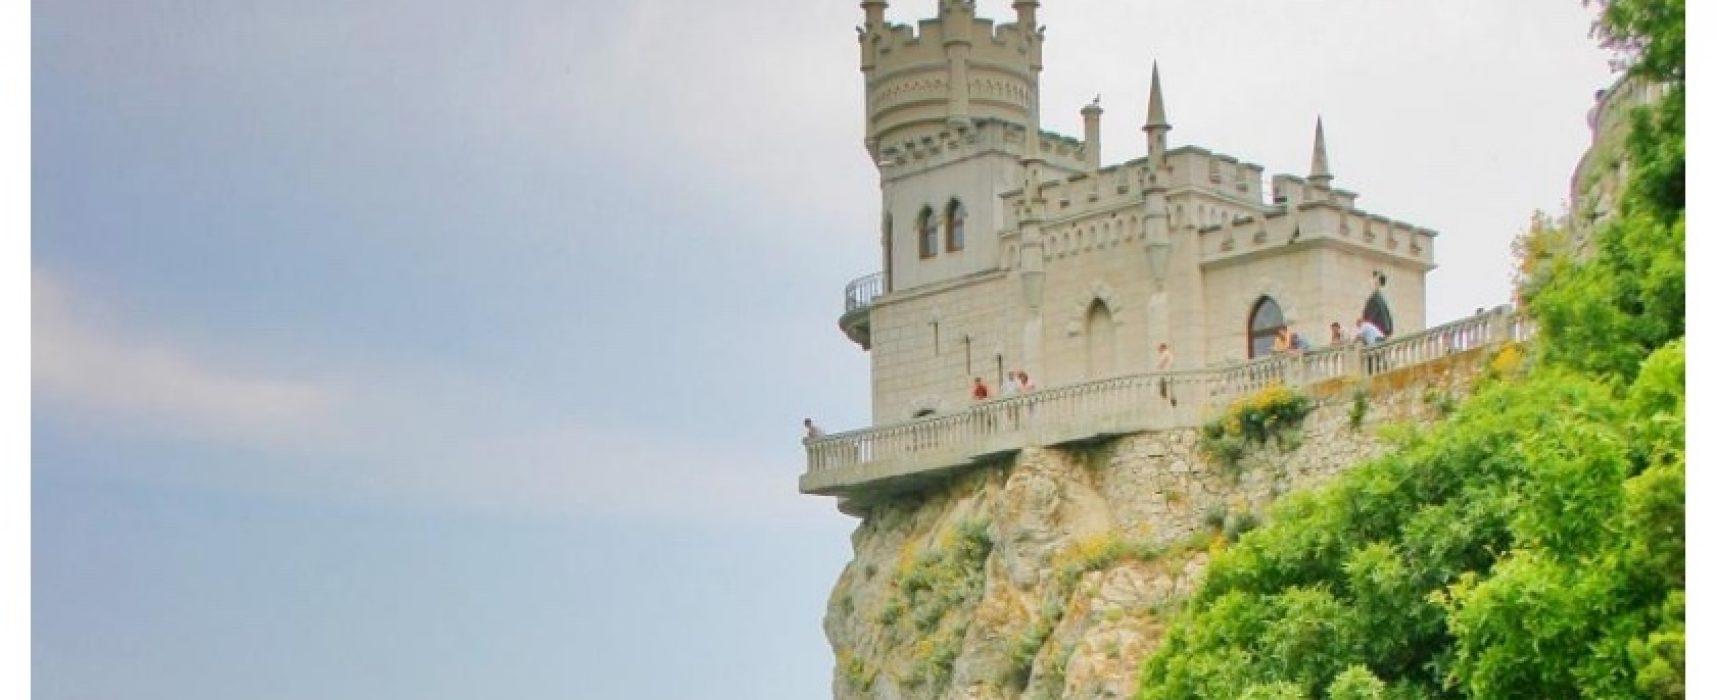 Фейк: Крым долгие годы был финансовым донором для Украины